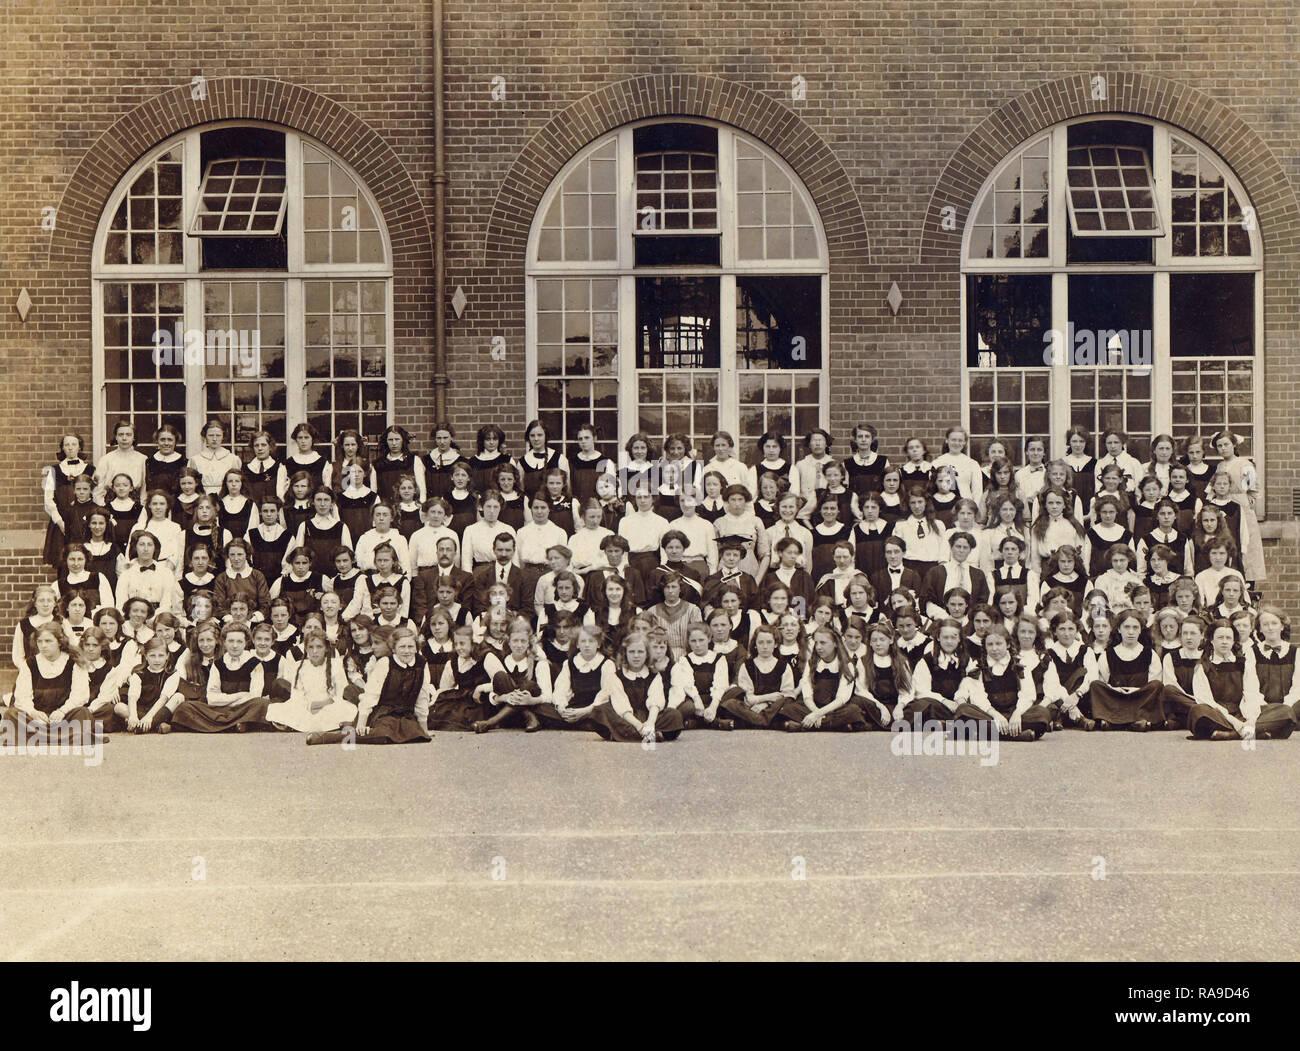 Imagen del archivo histórico de la chica de la escuela c1910s Imagen De Stock